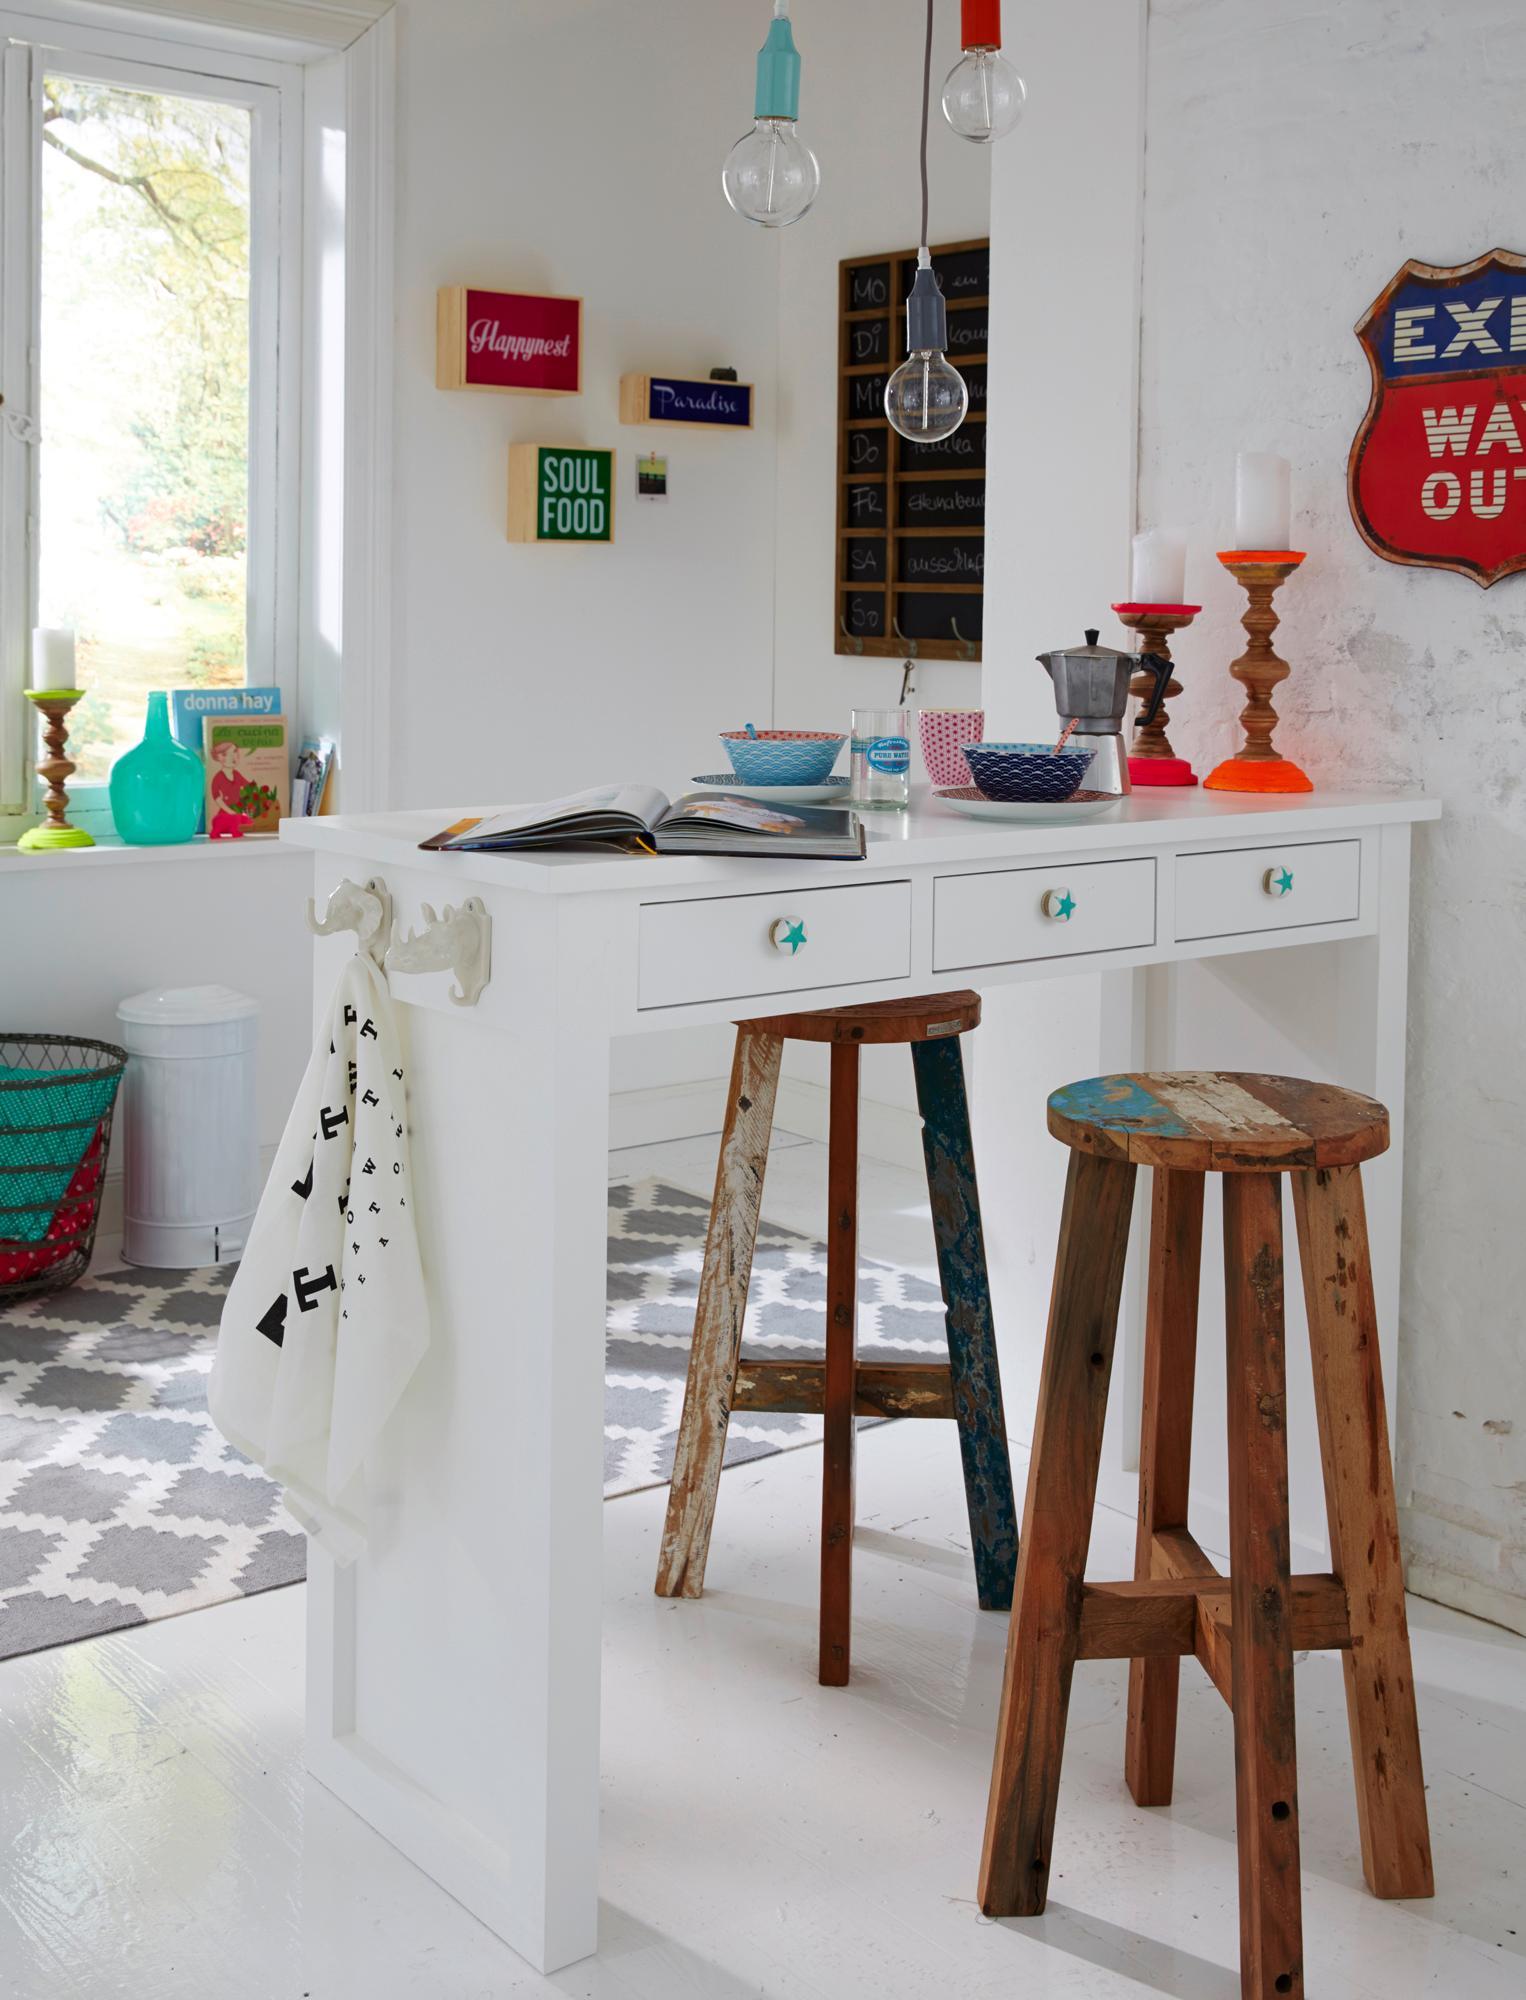 Full Size of Küchen Bartisch Ideen Ldich Inspirieren Regal Küche Wohnzimmer Küchen Bartisch